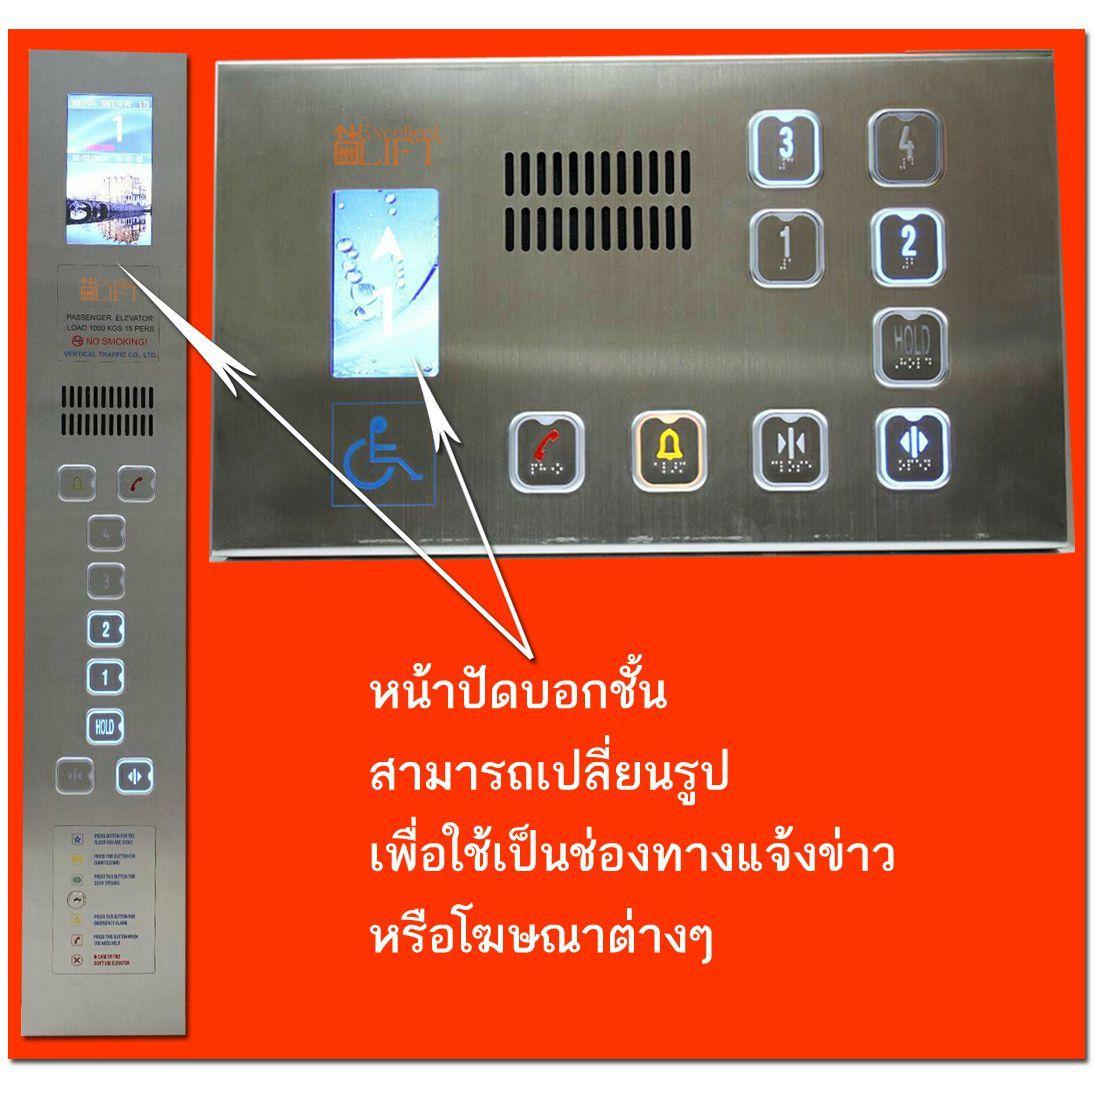 ปรับปรุงลิฟท์ ให้ทันสมัยอยู่เสมอ Modernization